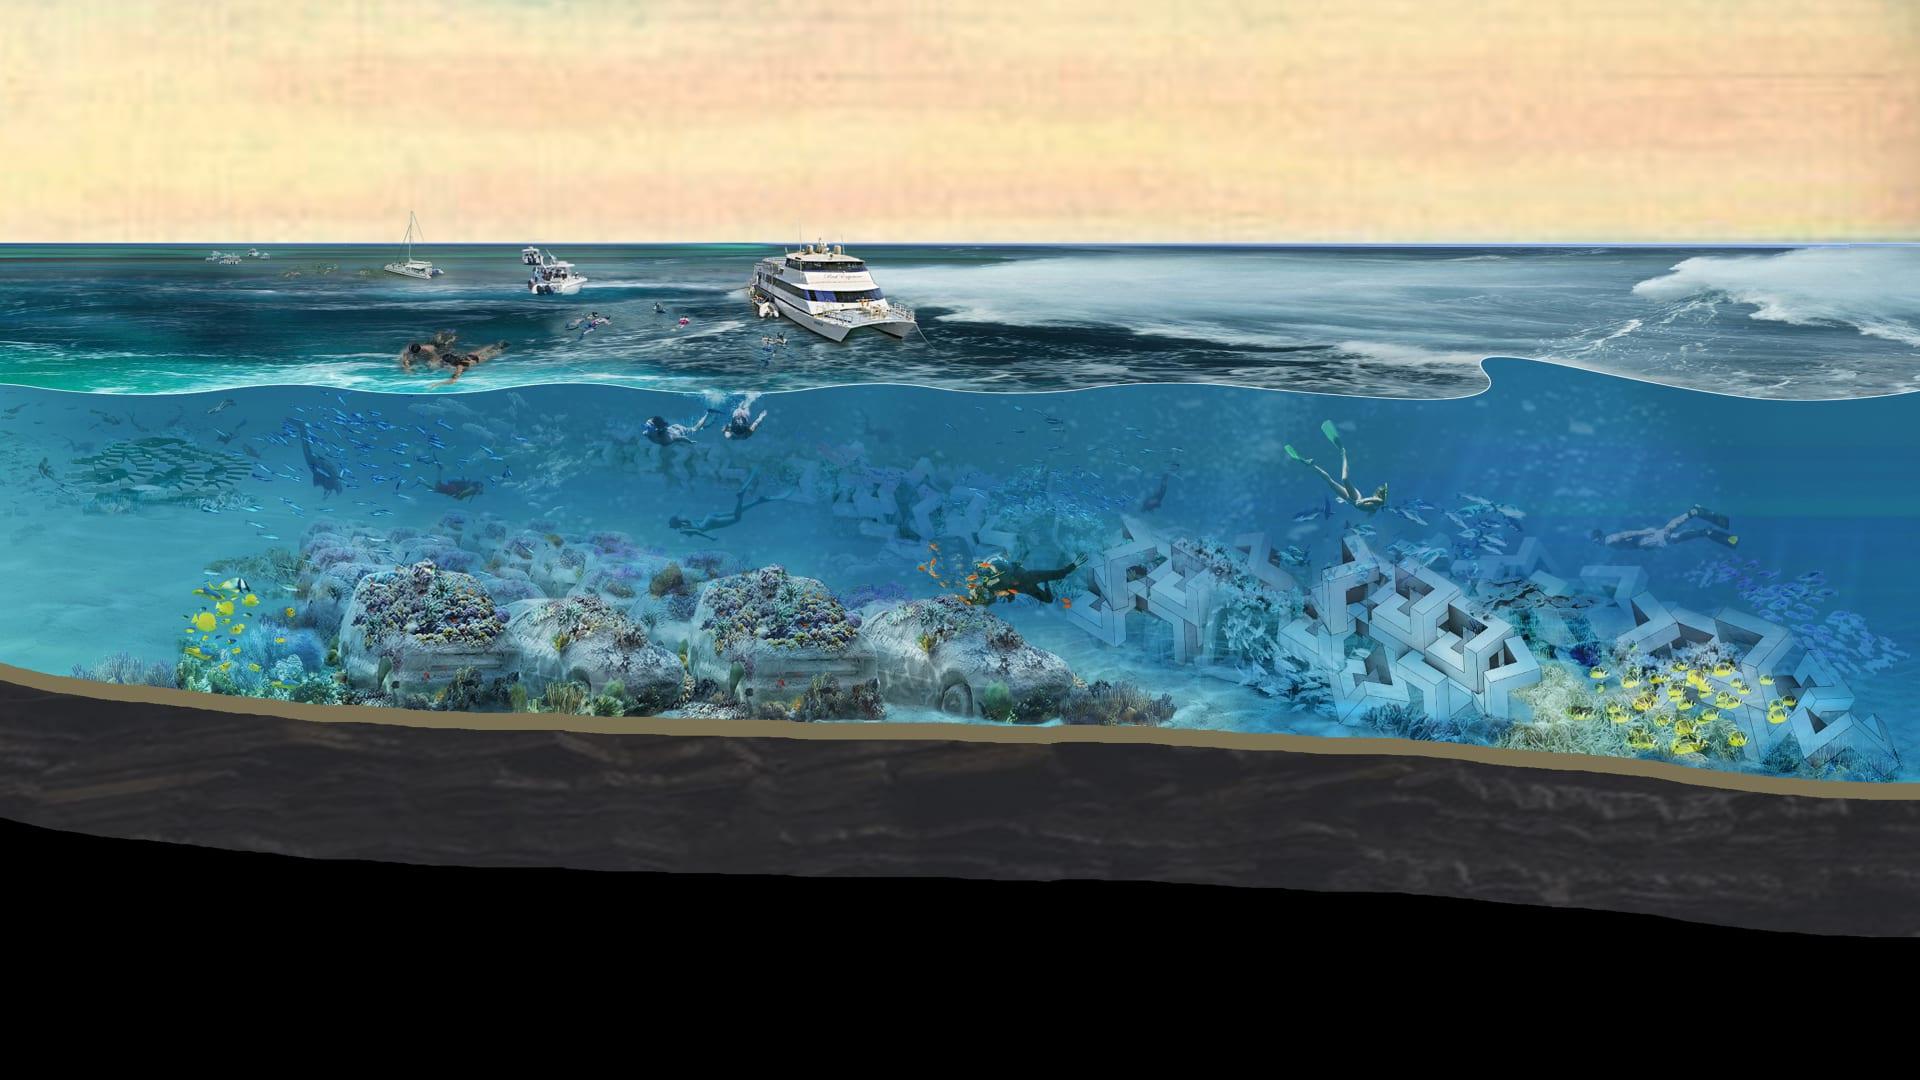 وكأنها من عالم آخر.. ميامي تفتتح قريباً منتزه منحوتات غارق في قاع المحيط